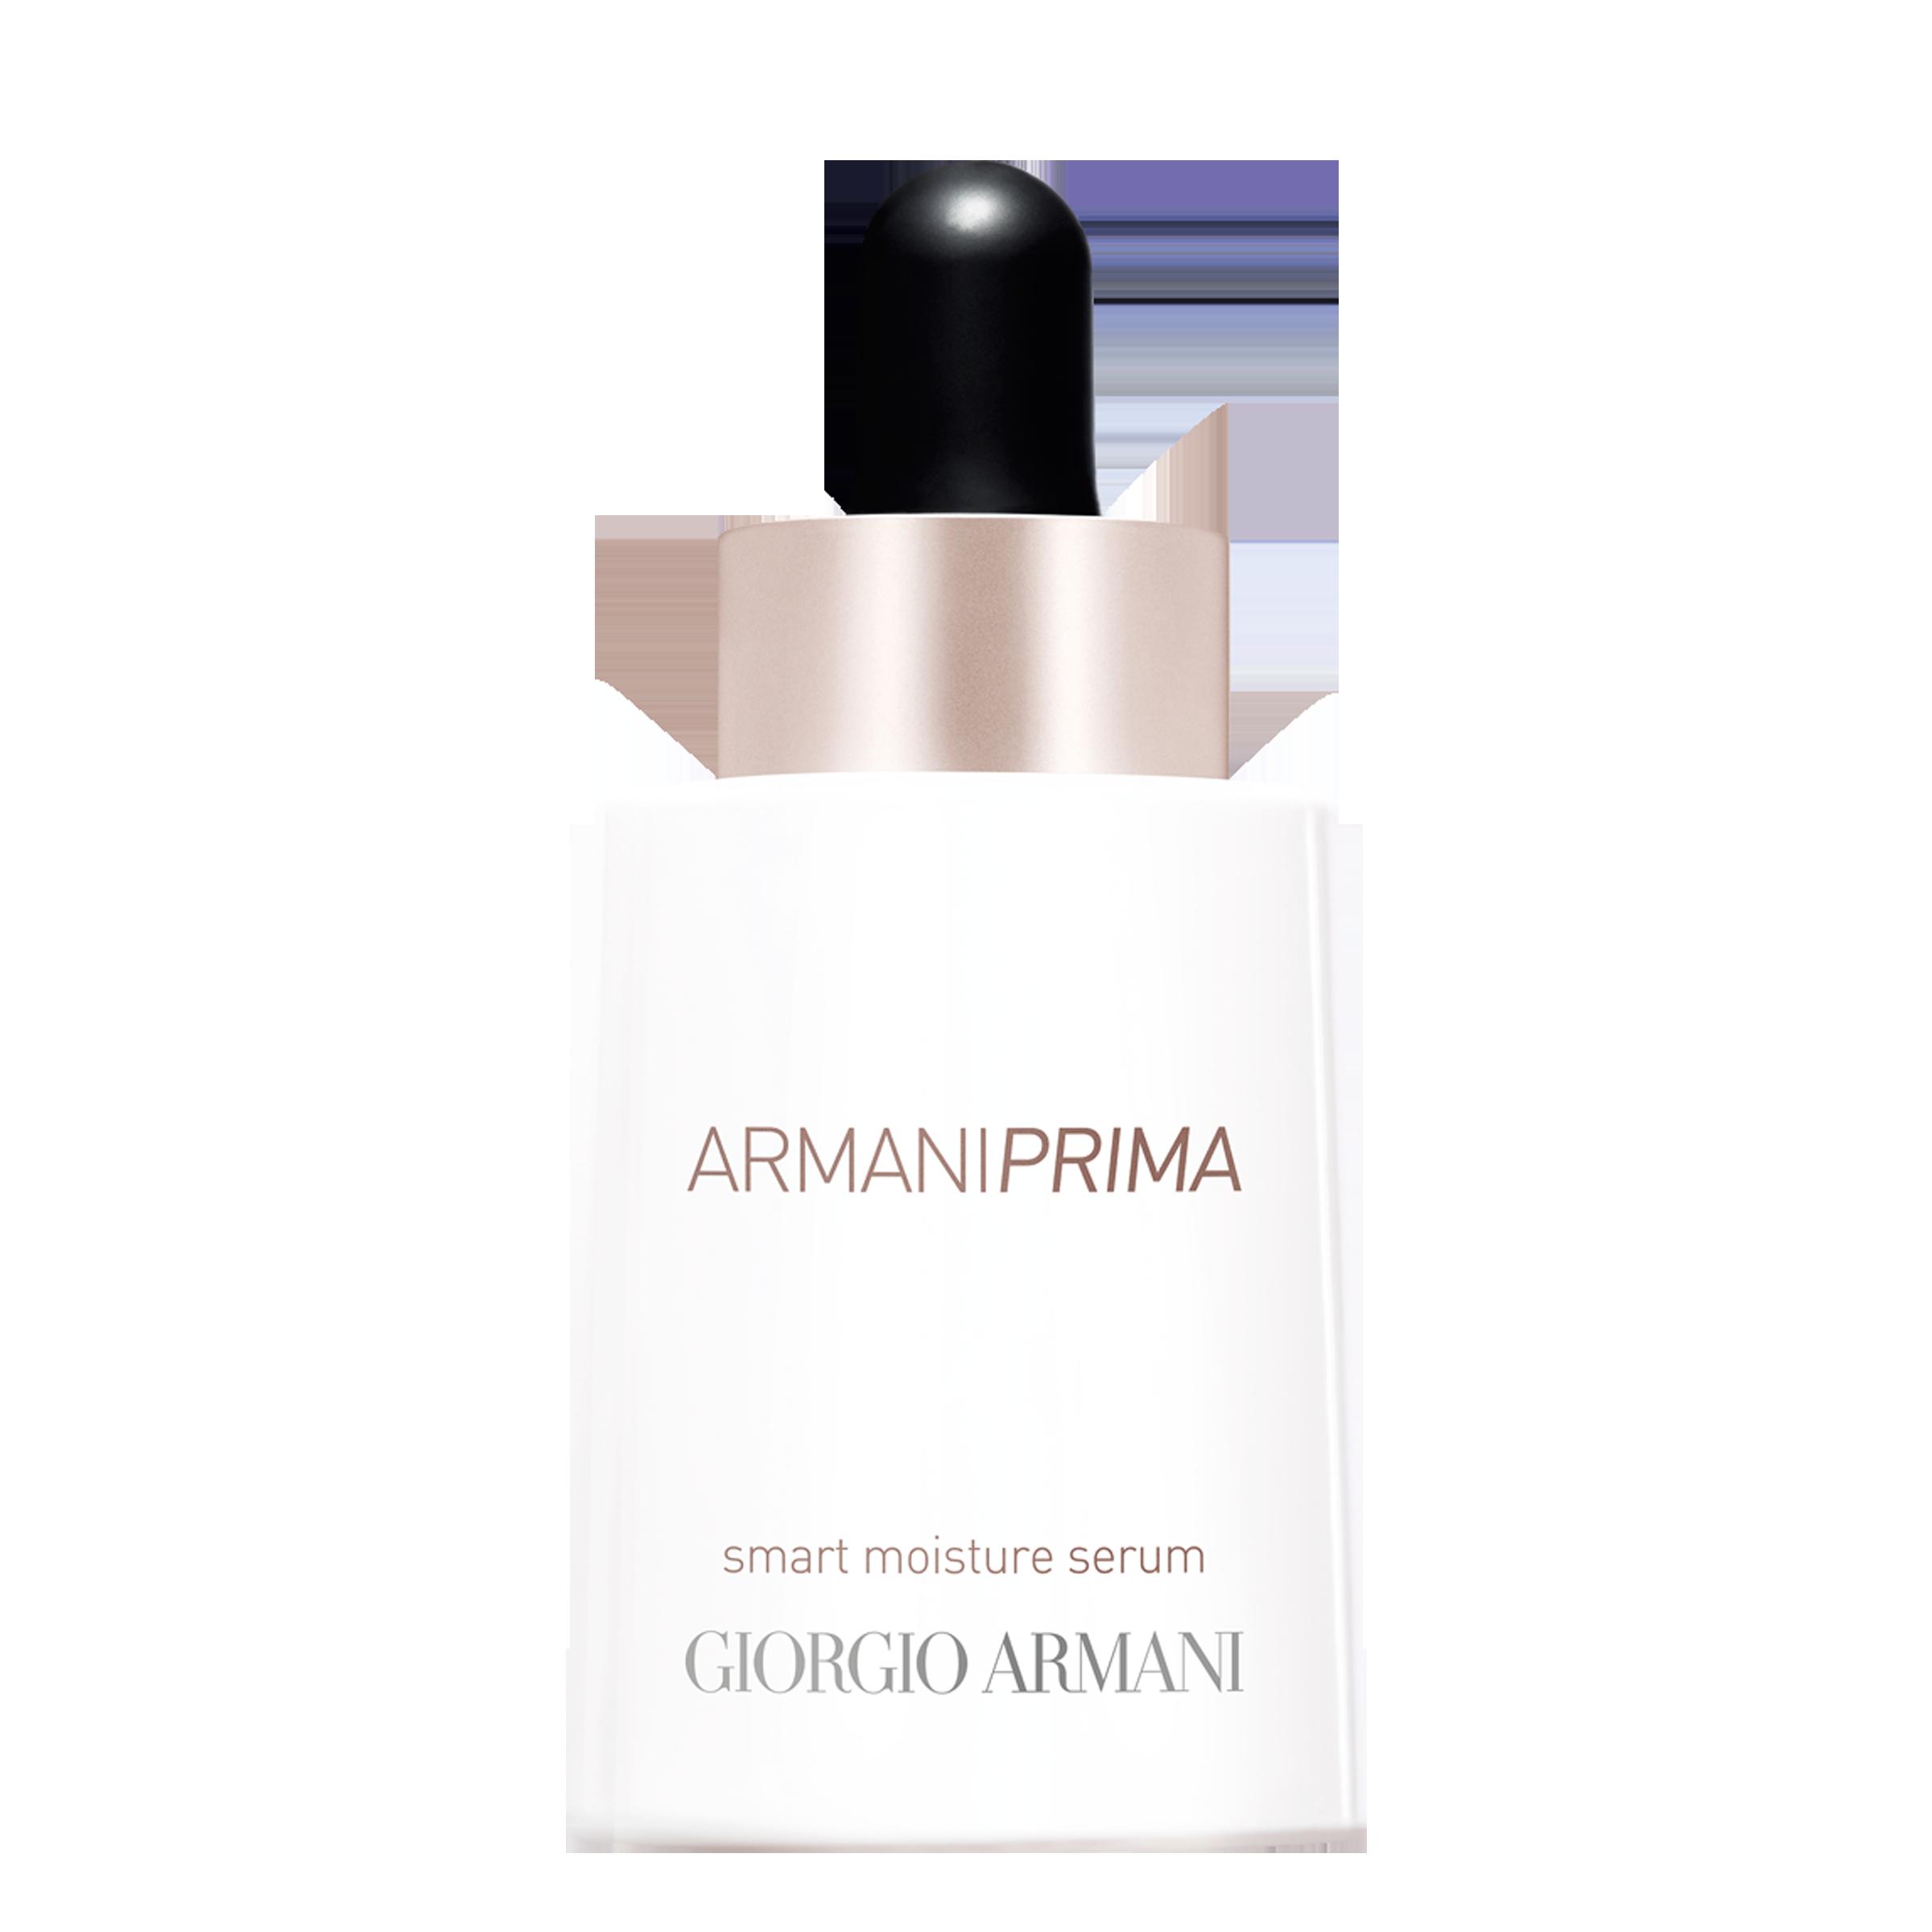 Extrêmement ARMANI_PRIMA_SmartMoistureSeru  SK39